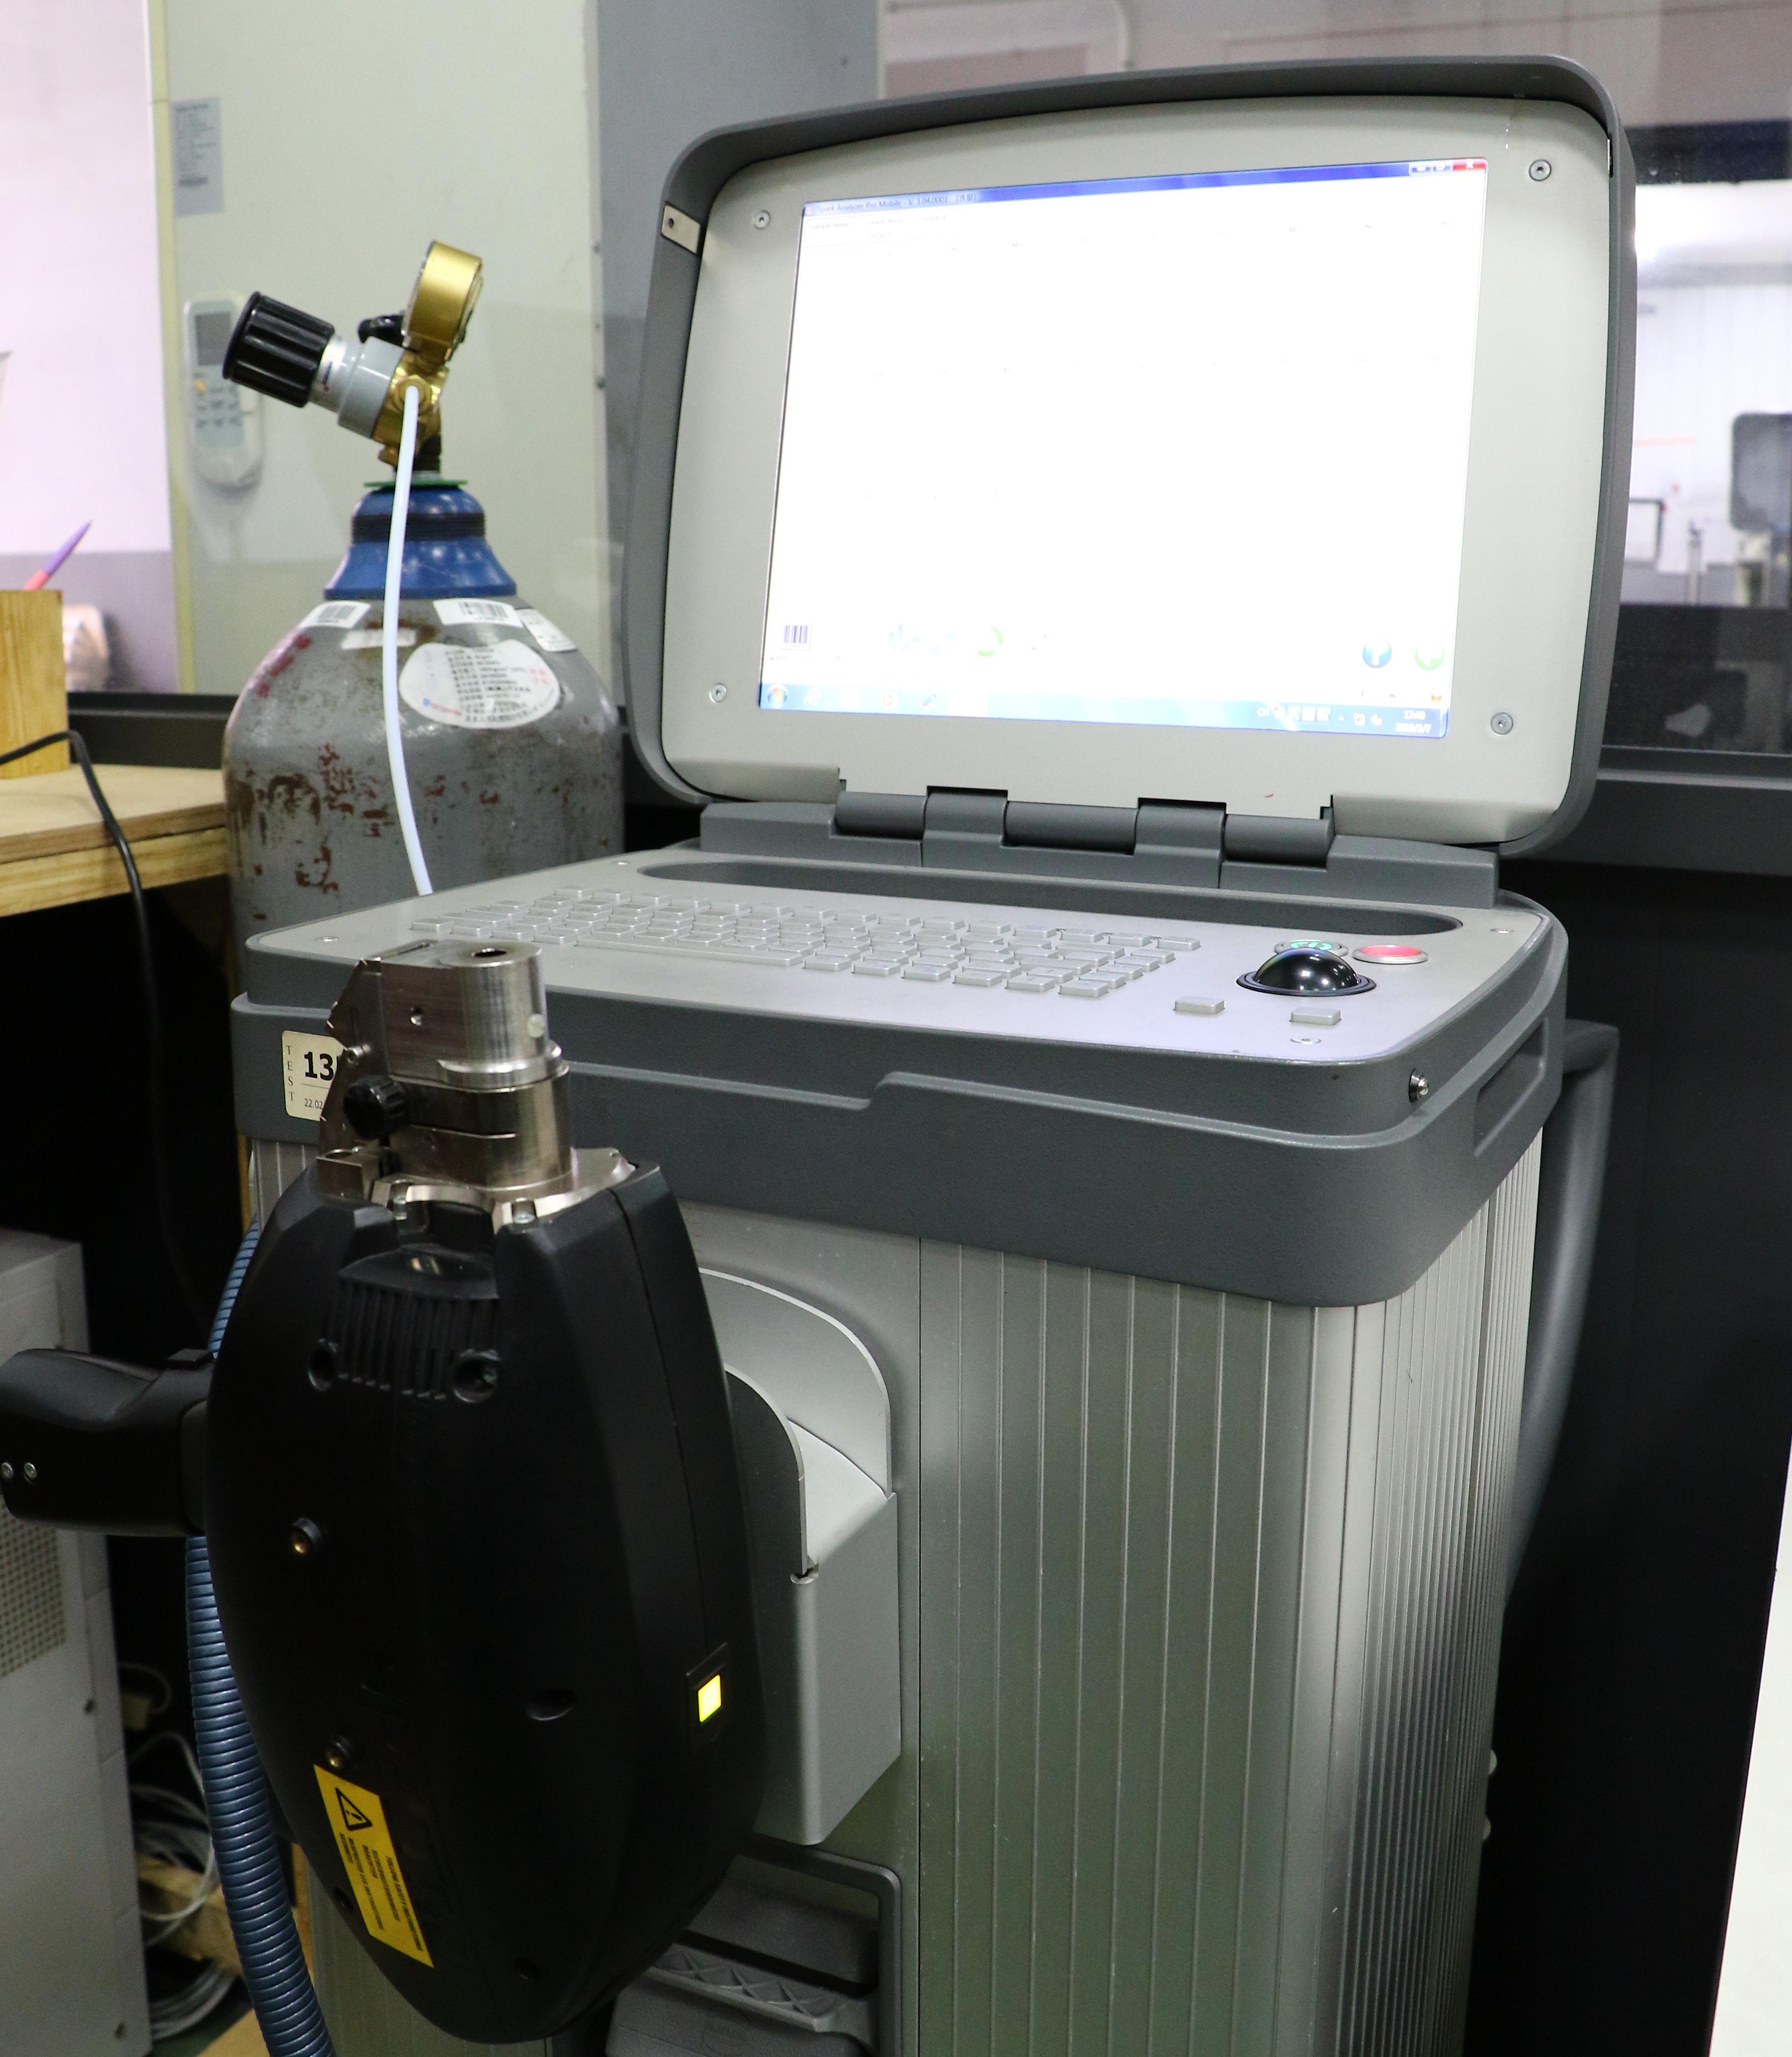 本公司選用德國製分光儀分析及確保材料品質。